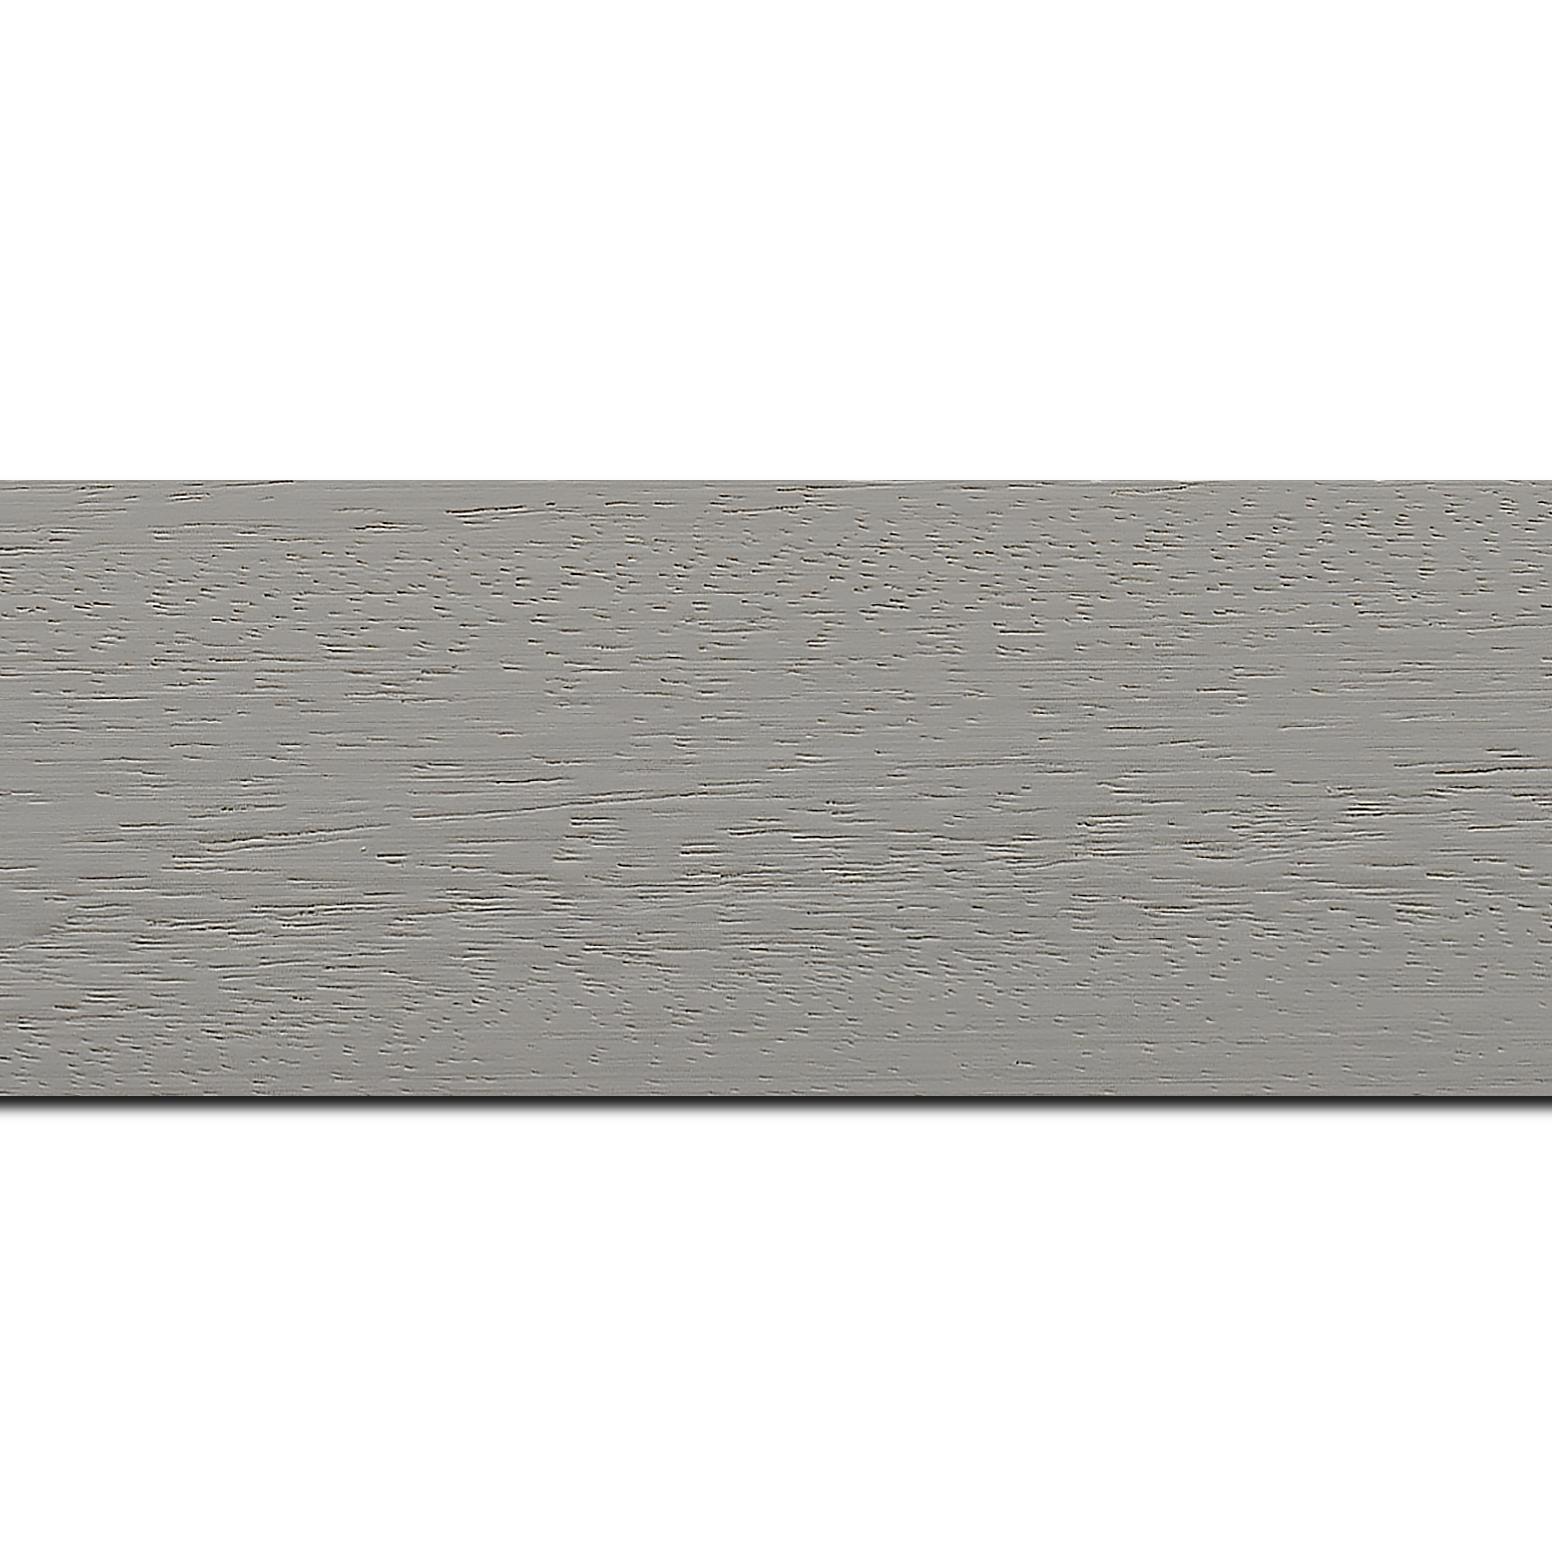 Pack par 12m, bois profil plat largeur 5.9cm couleur gris clair satiné (longueur baguette pouvant varier entre 2.40m et 3m selon arrivage des bois)